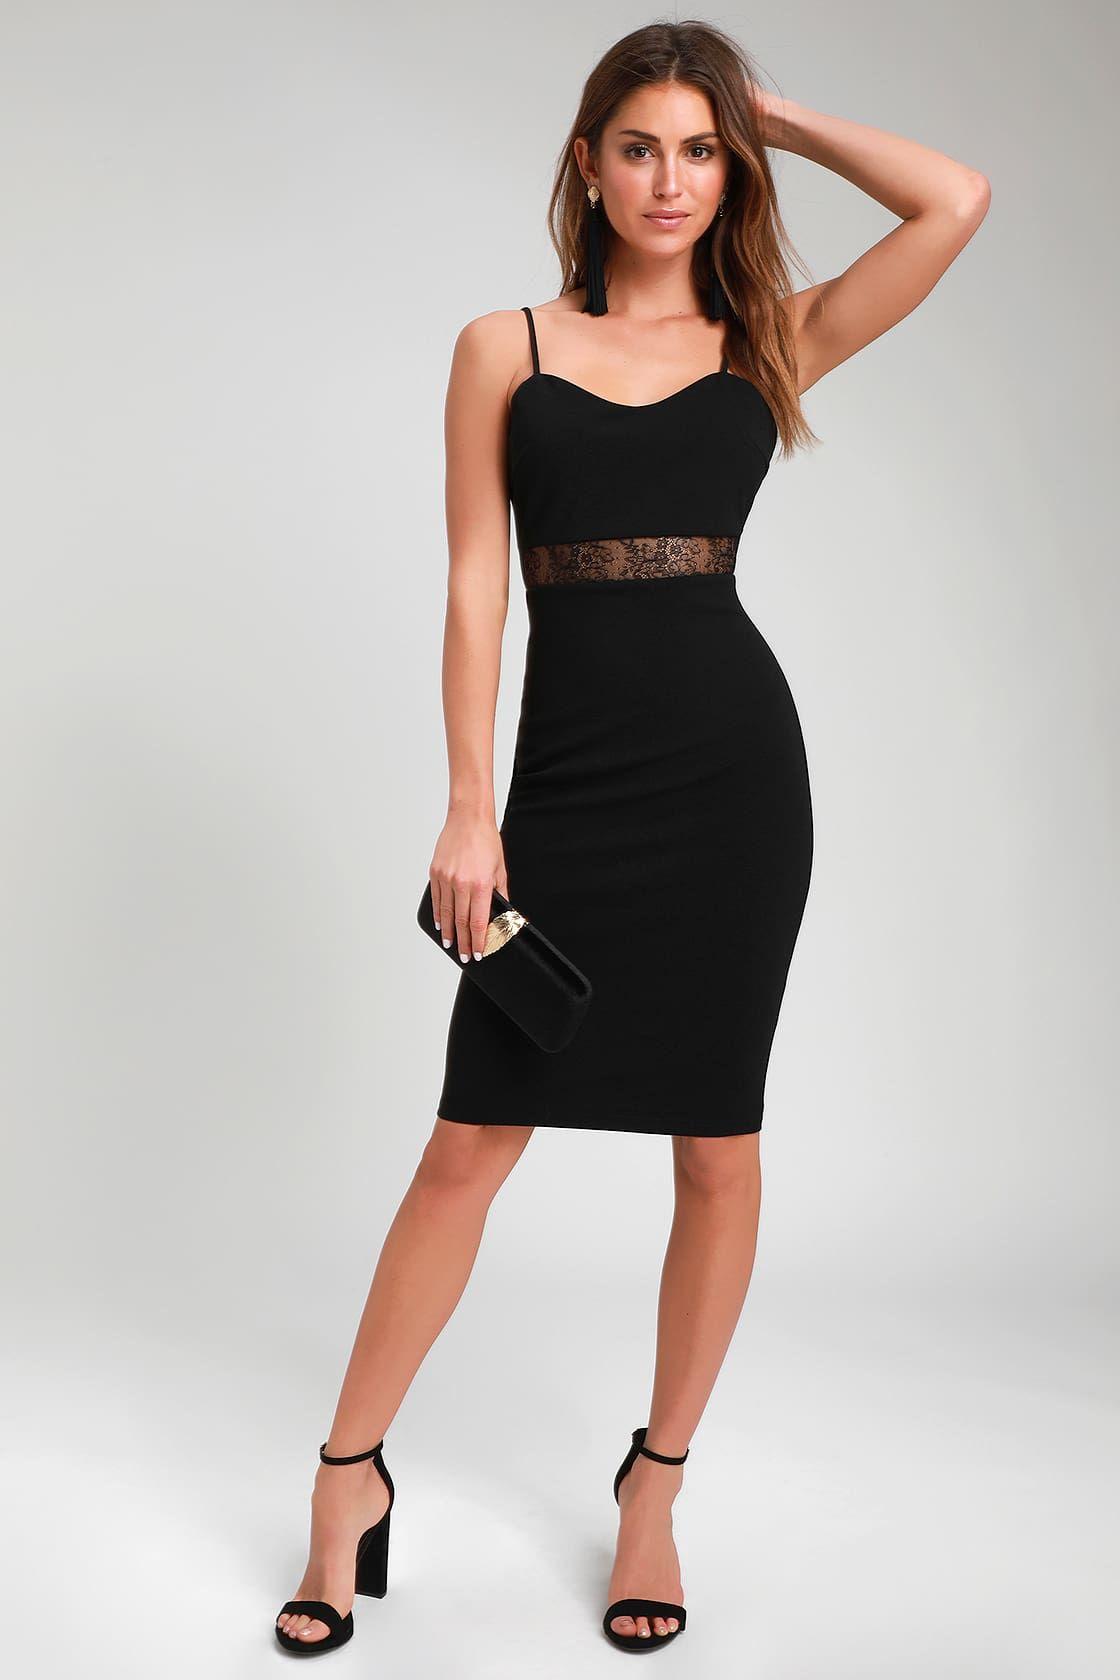 Limo ride black lace bodycon midi dress